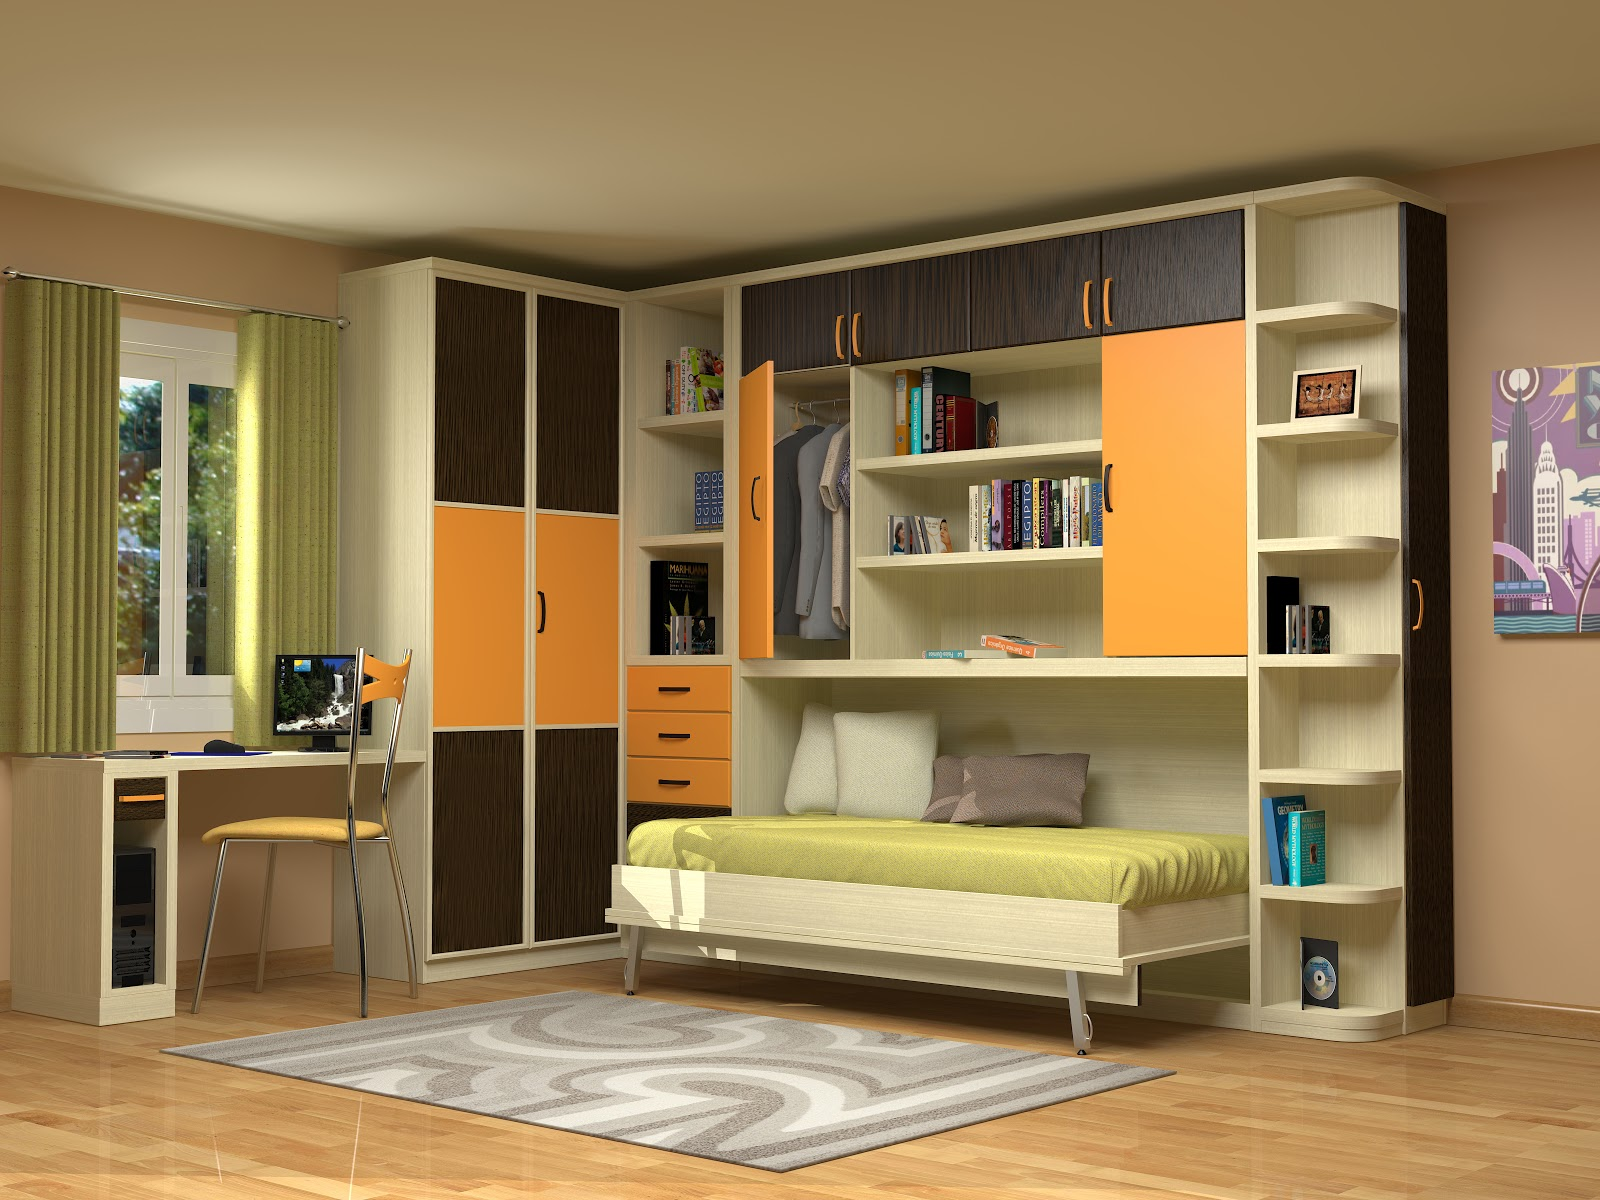 Muebles juveniles dormitorios infantiles y habitaciones for Muebles conforama dormitorios juveniles